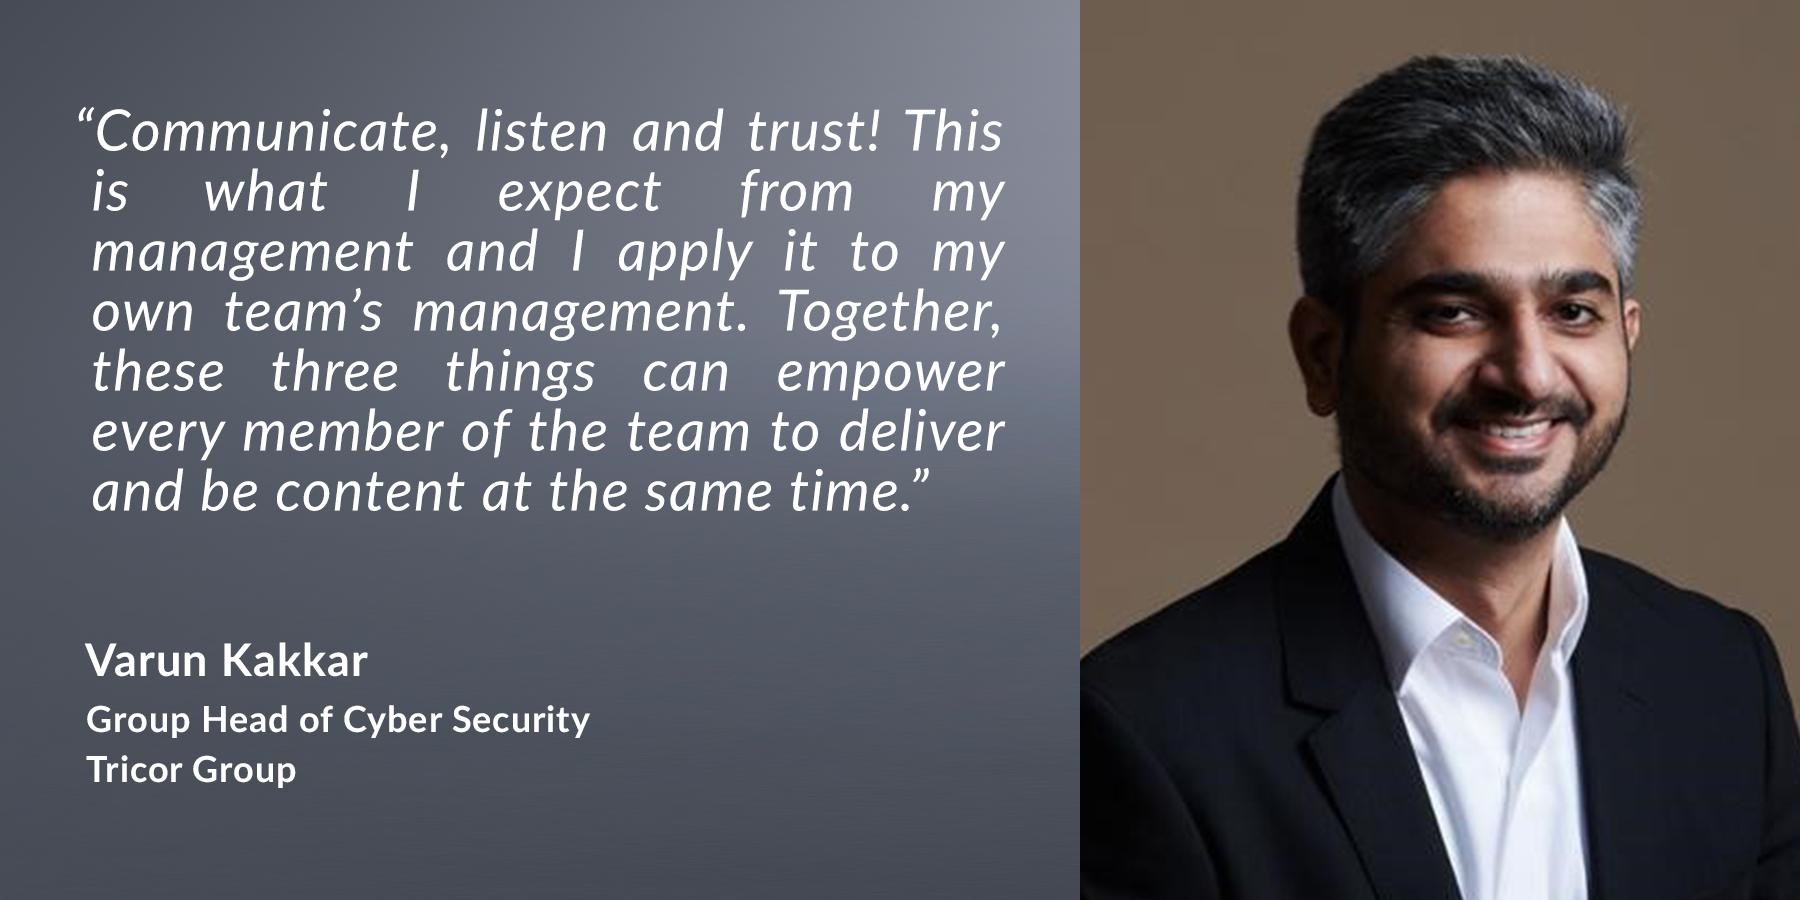 Varun Kakkar - Group Head of Cyber Security, Tricor Group